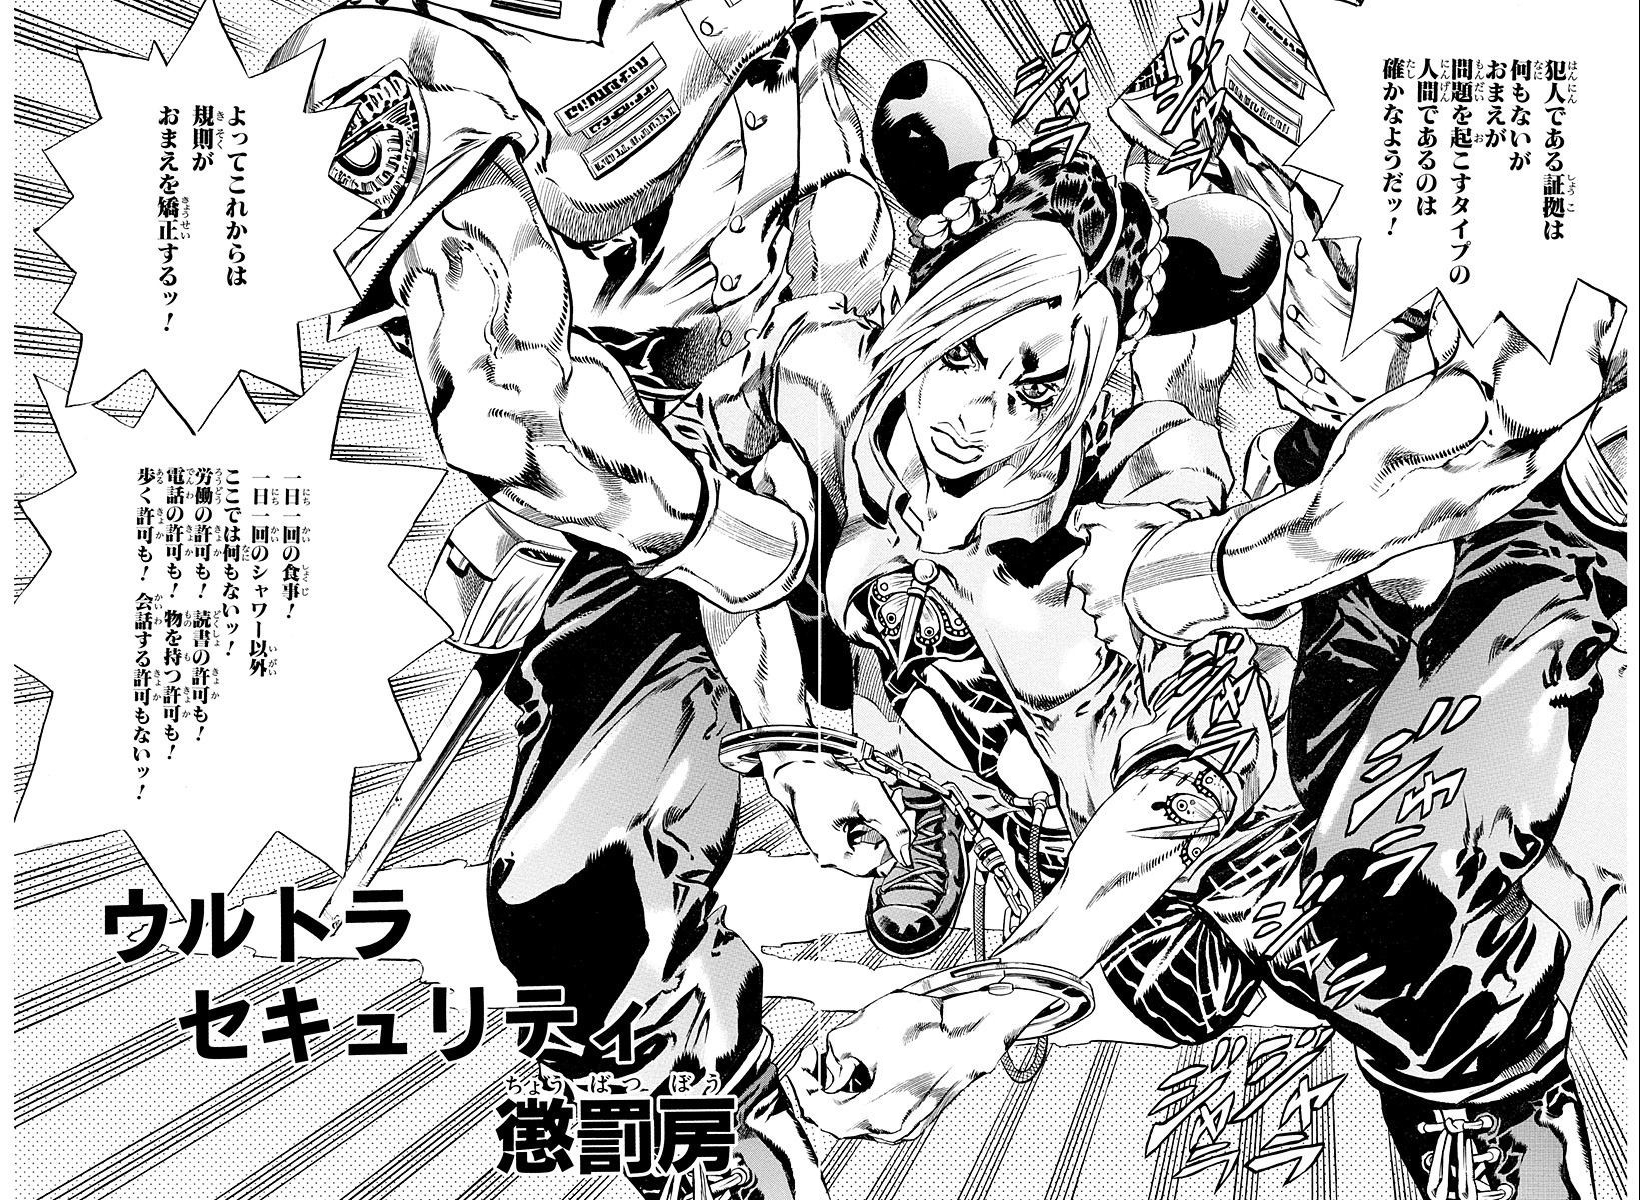 SO Chapter 58 Cover B Bunkoban.jpg